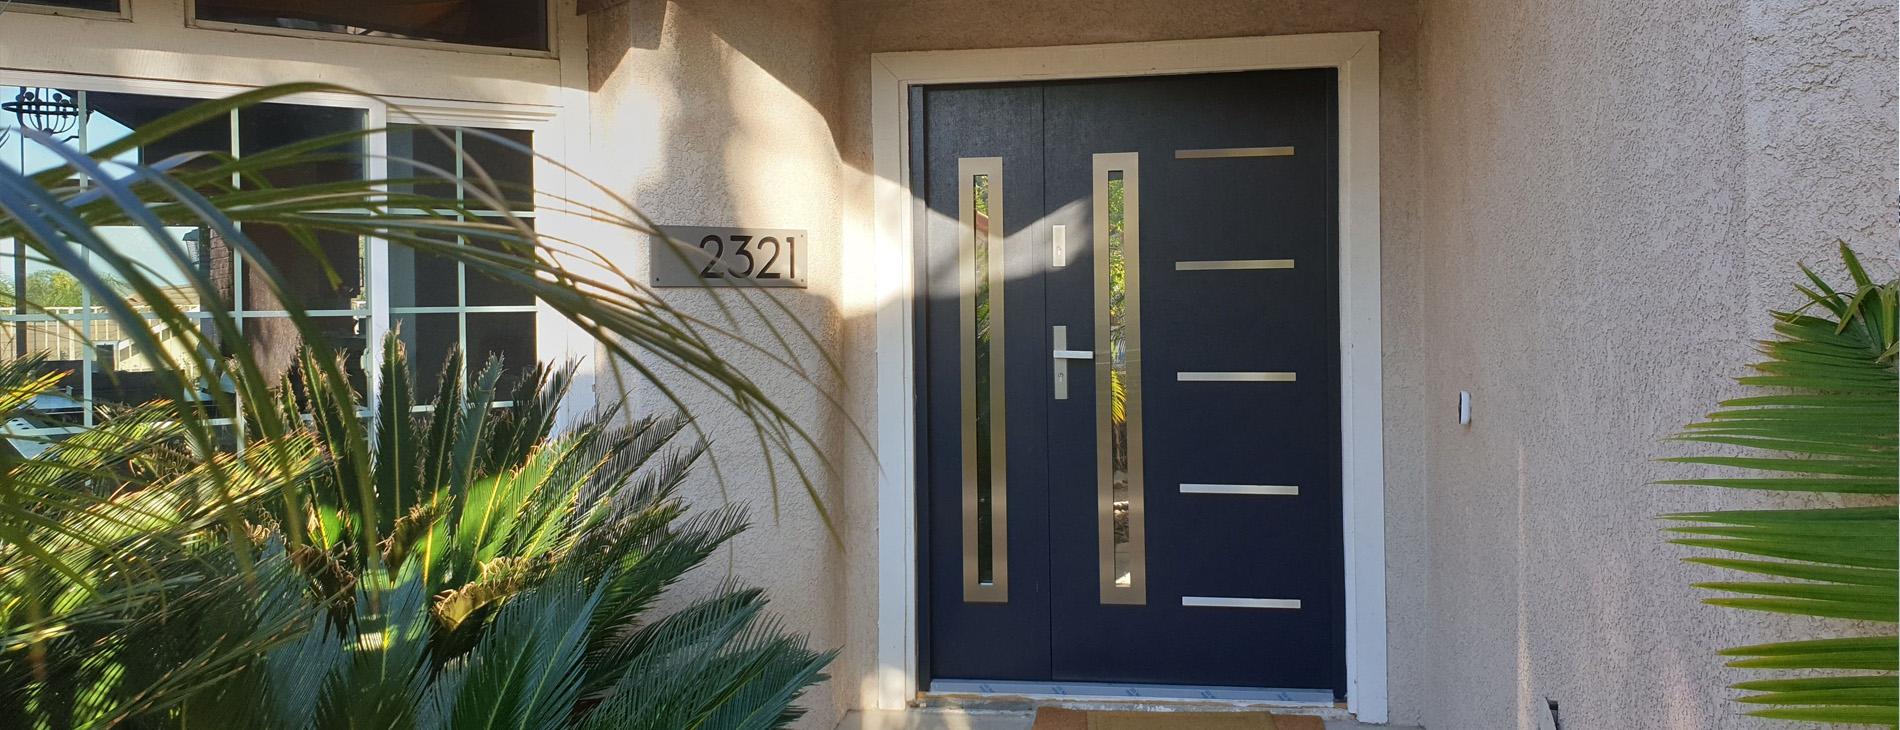 https://domadeco.ca/doors.html